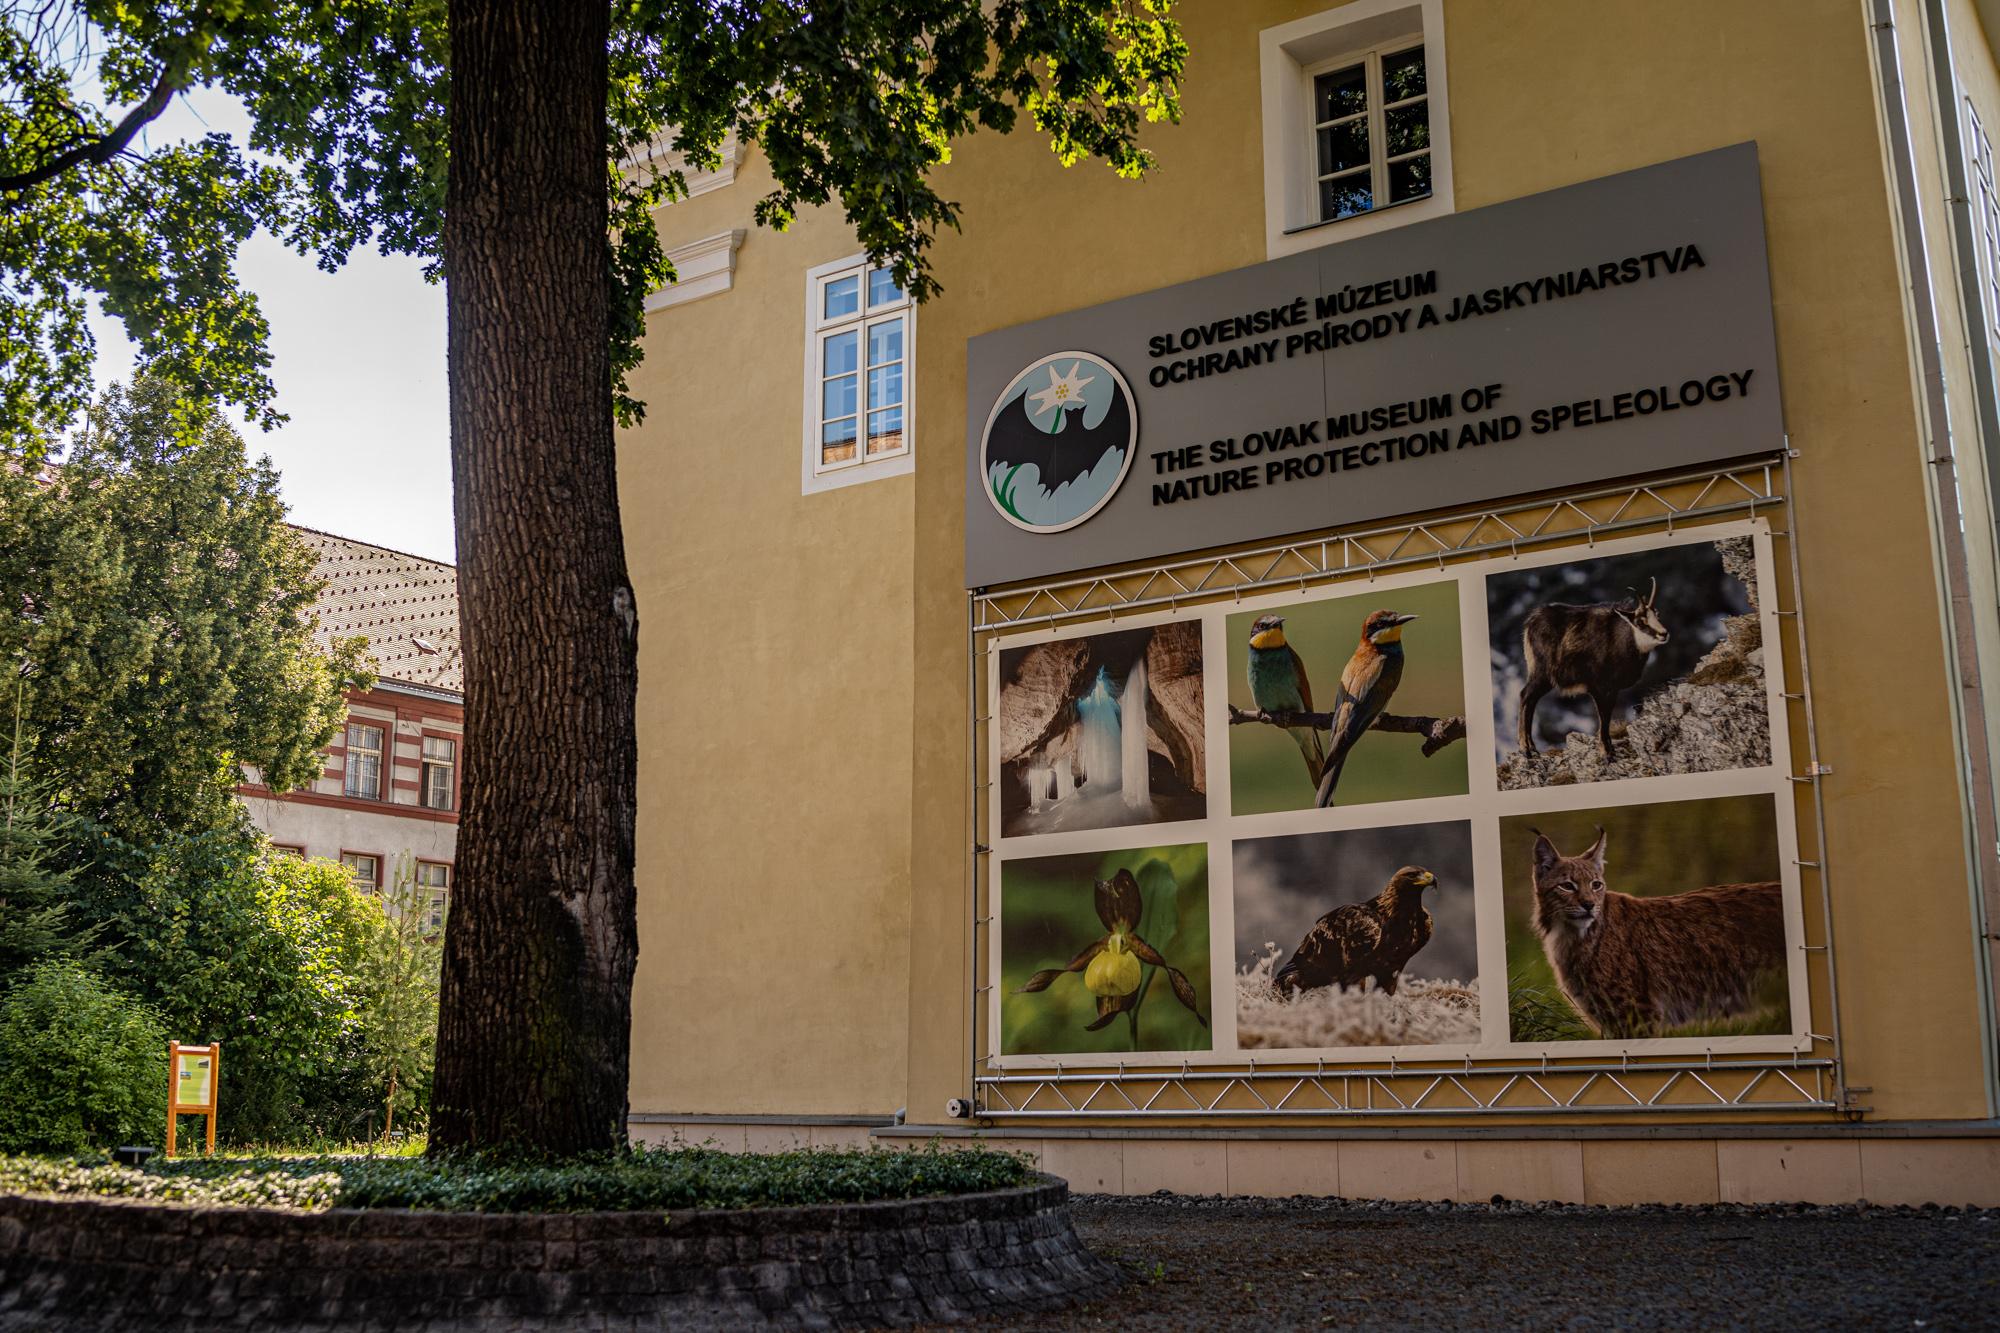 Słowackie Muzeum Ochrony Przyrody i Speleologii